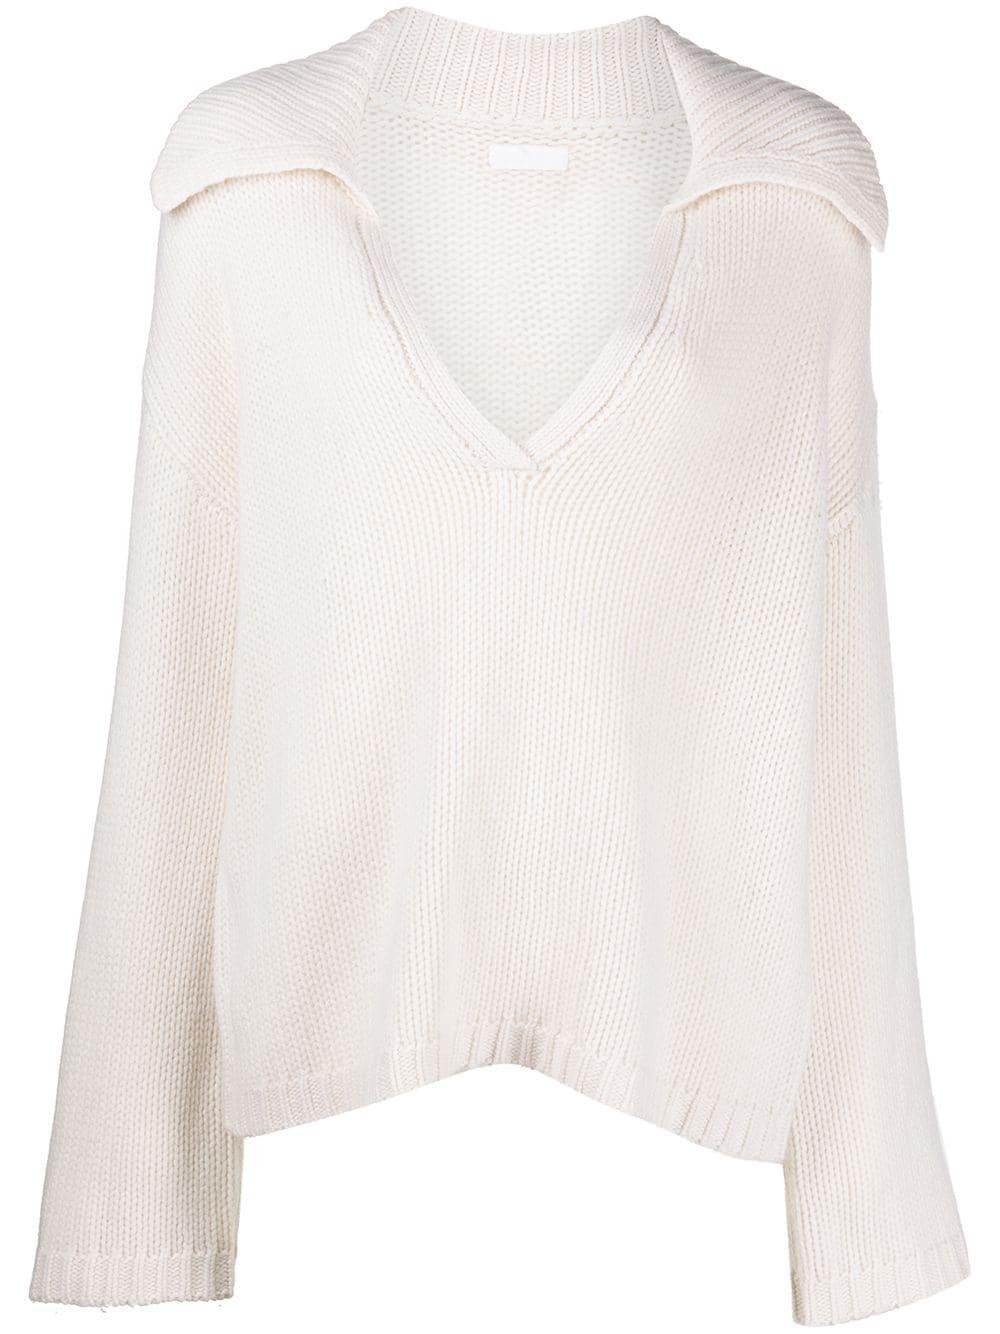 Estela Sweater Item # ESTELA2104